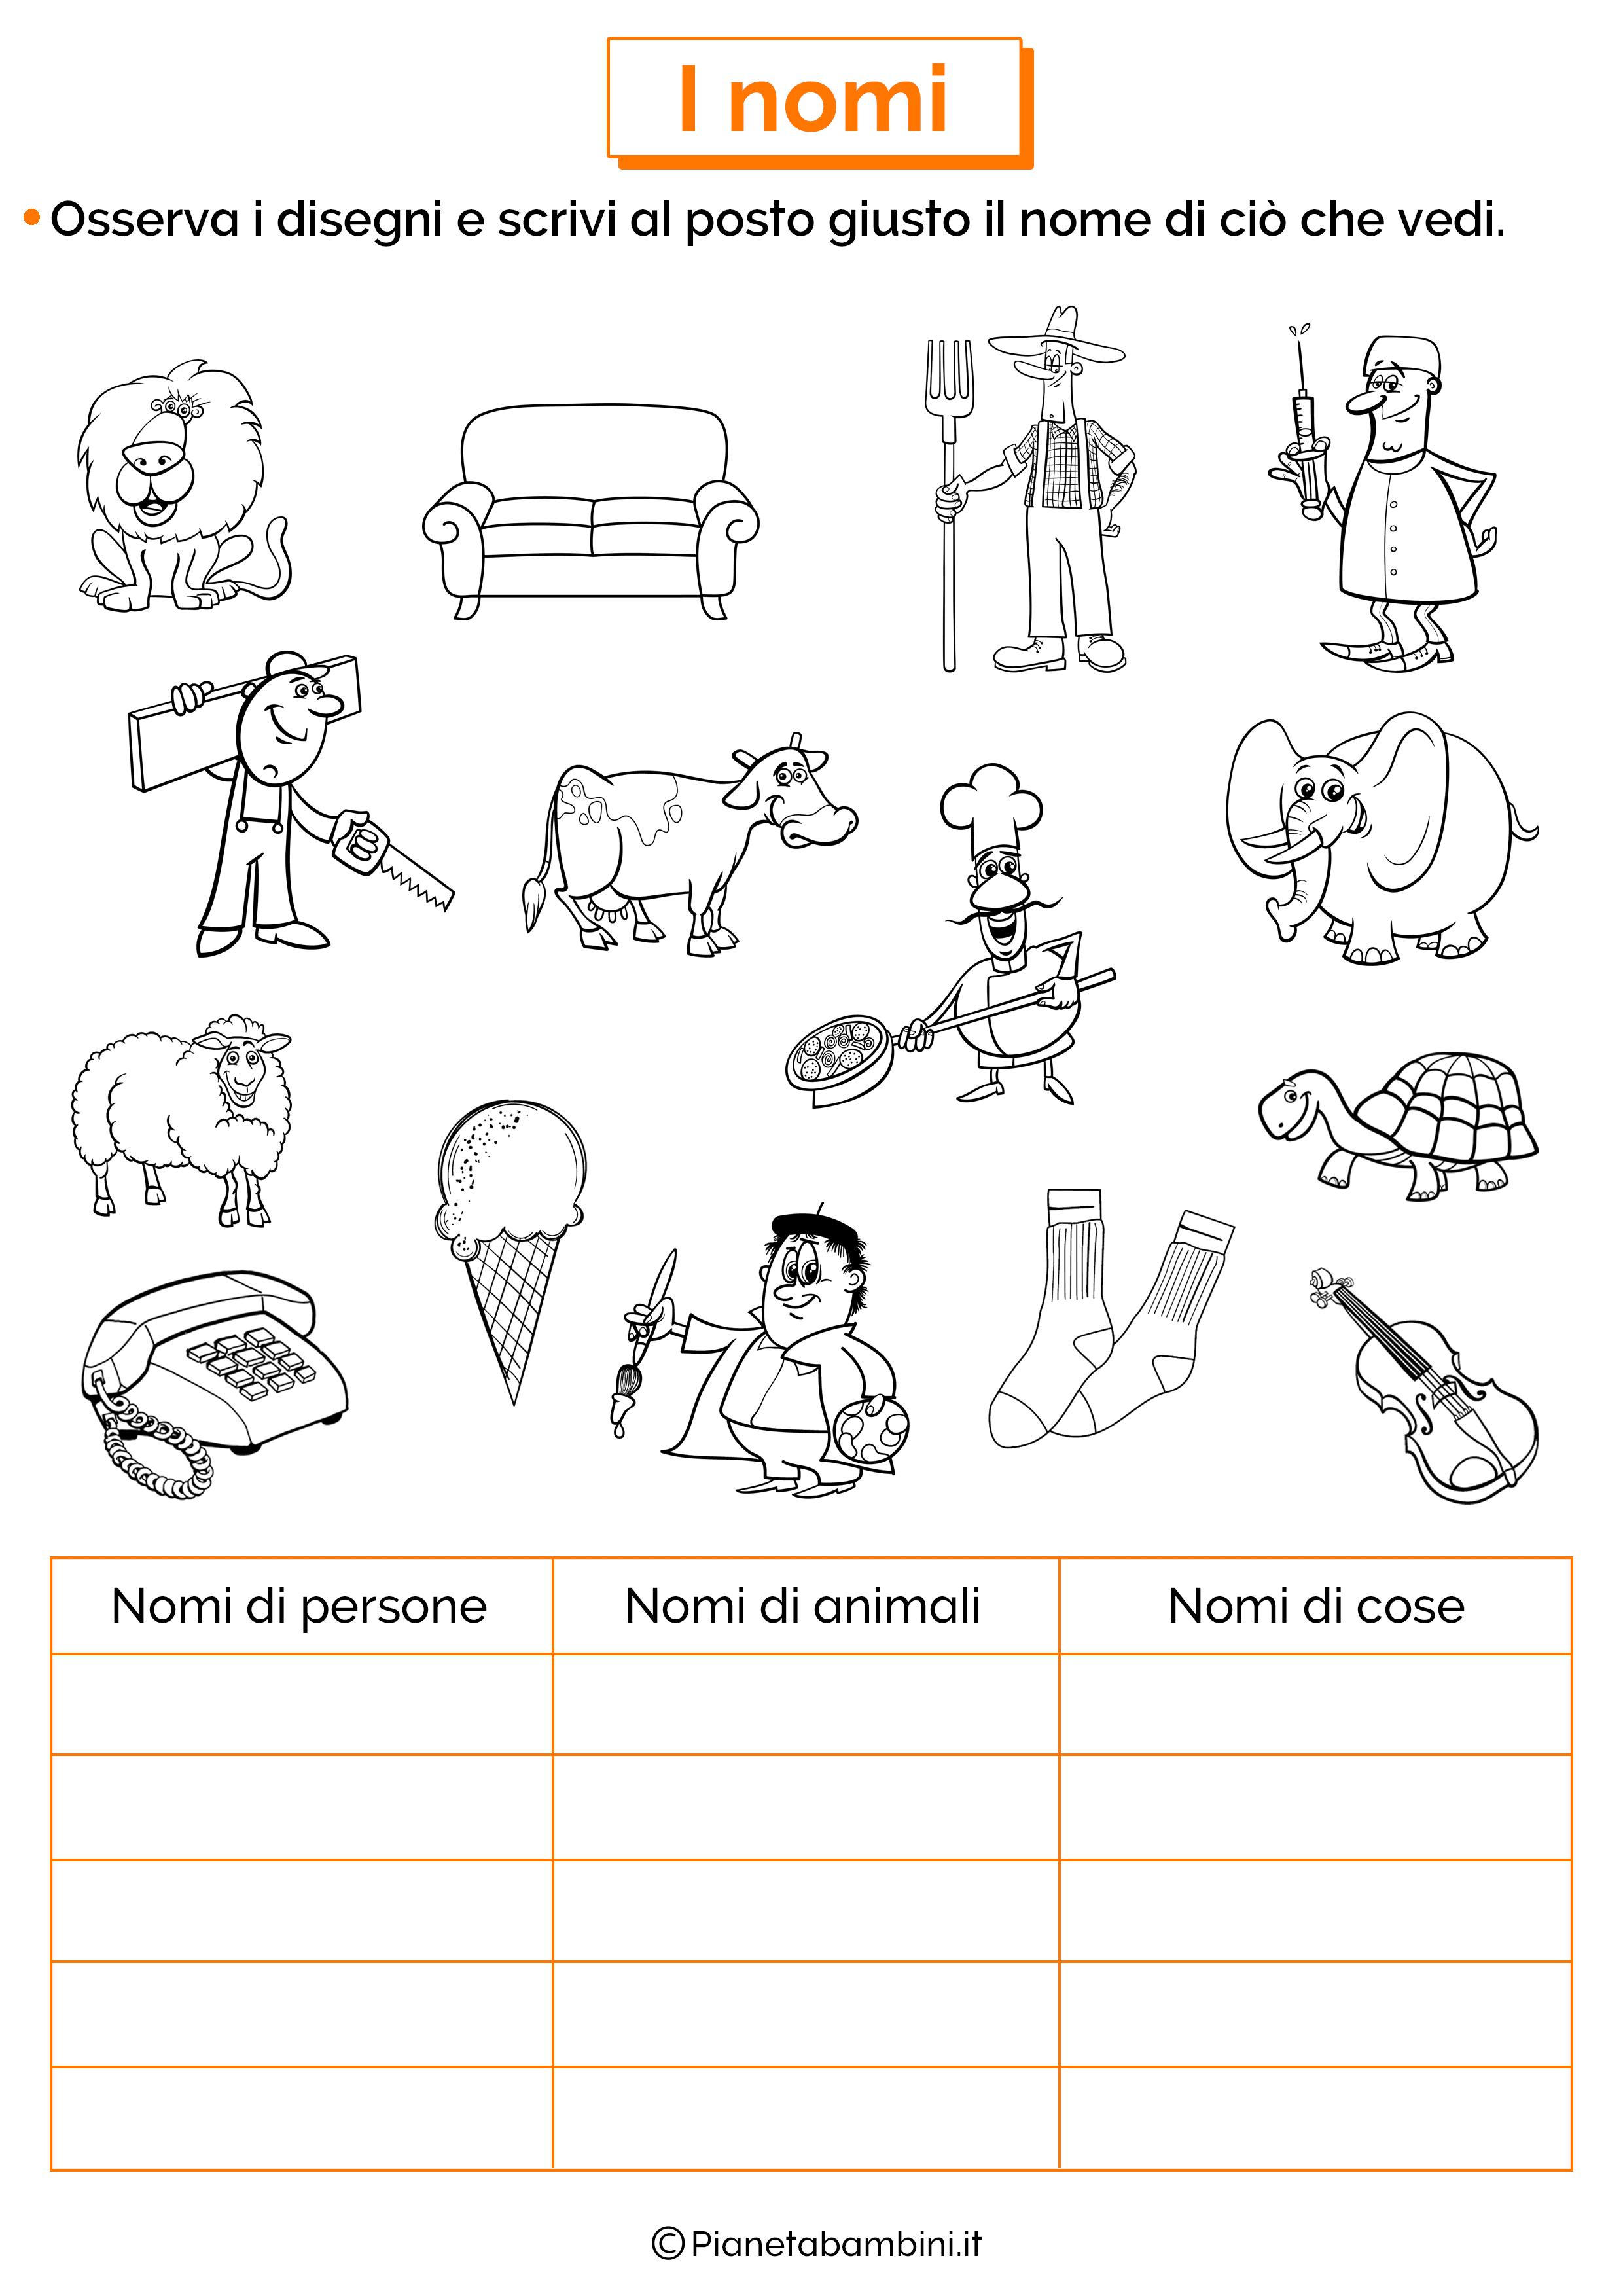 Scheda didattica sui nomi di persone, animali e cose